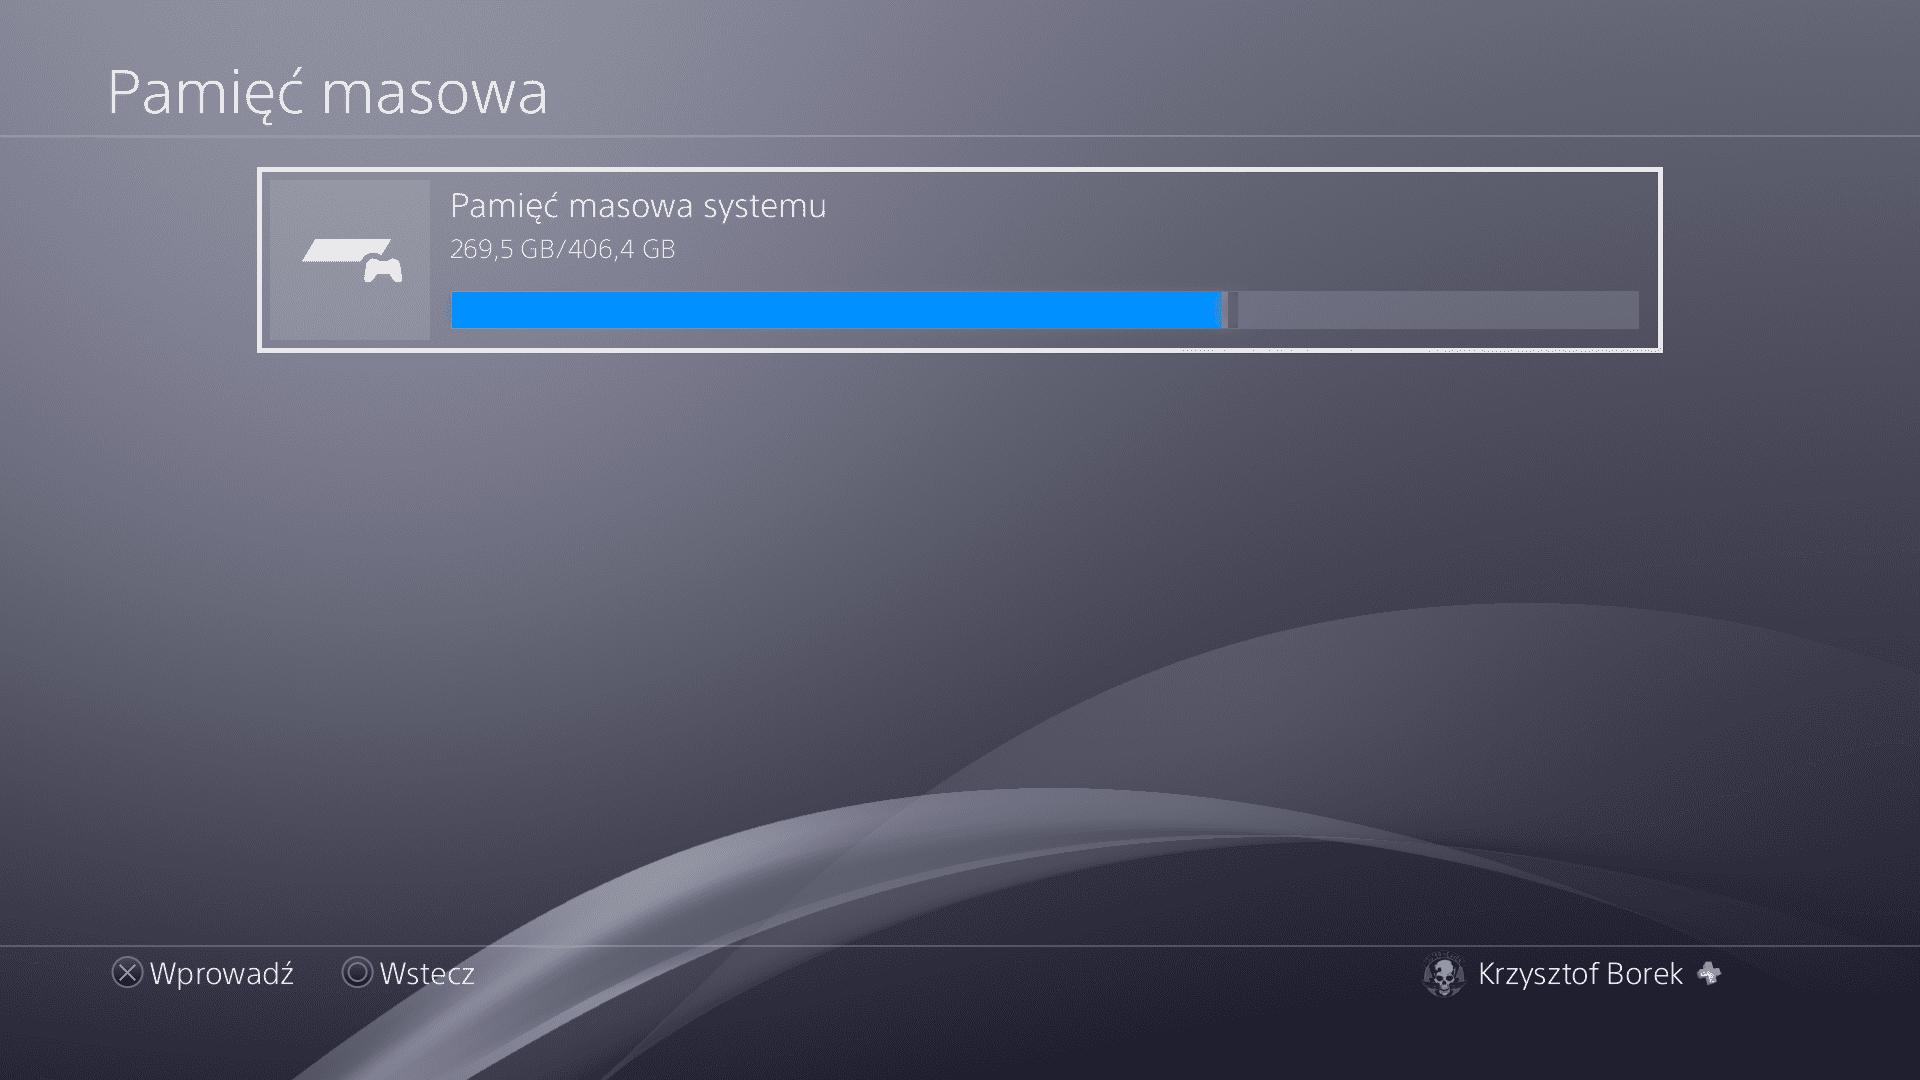 Oprogramowanie w wersji 4.50 dla PlayStation 4 - moje pierwsze wrażenia recenzje, polecane Recenzja, ps4 4.50, PS4, PlayStation 4, nowe oprogramowanie do ps4  Początkowo nie wierzyłem, że dostanę się do grona użytkowników testujących najnowszą wersję oprogramowania dla PlayStation 4. Na szczęście mi się udało i po przyjściu wiadomości potwierdzającej mogłem szybko zaktualizować oprogramowanie do wersji 4.50 beta 2. 20170203180608